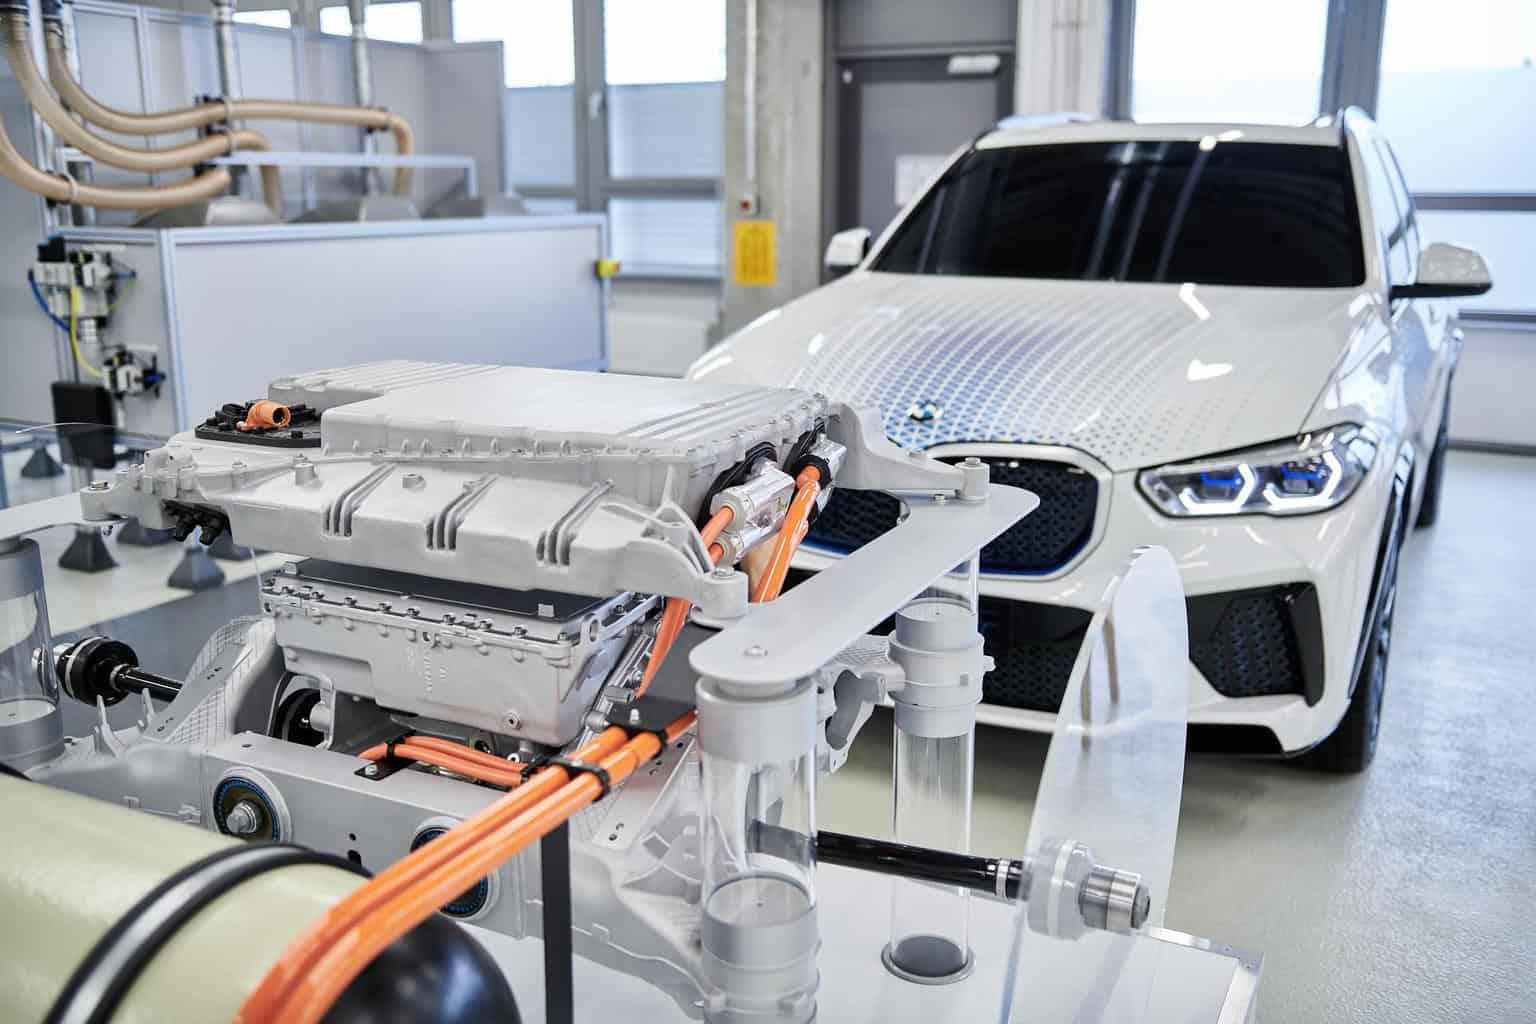 BMW: Brennstoffzelle hat Potenzial, weitere Säule im Antriebsportfolio zu werden